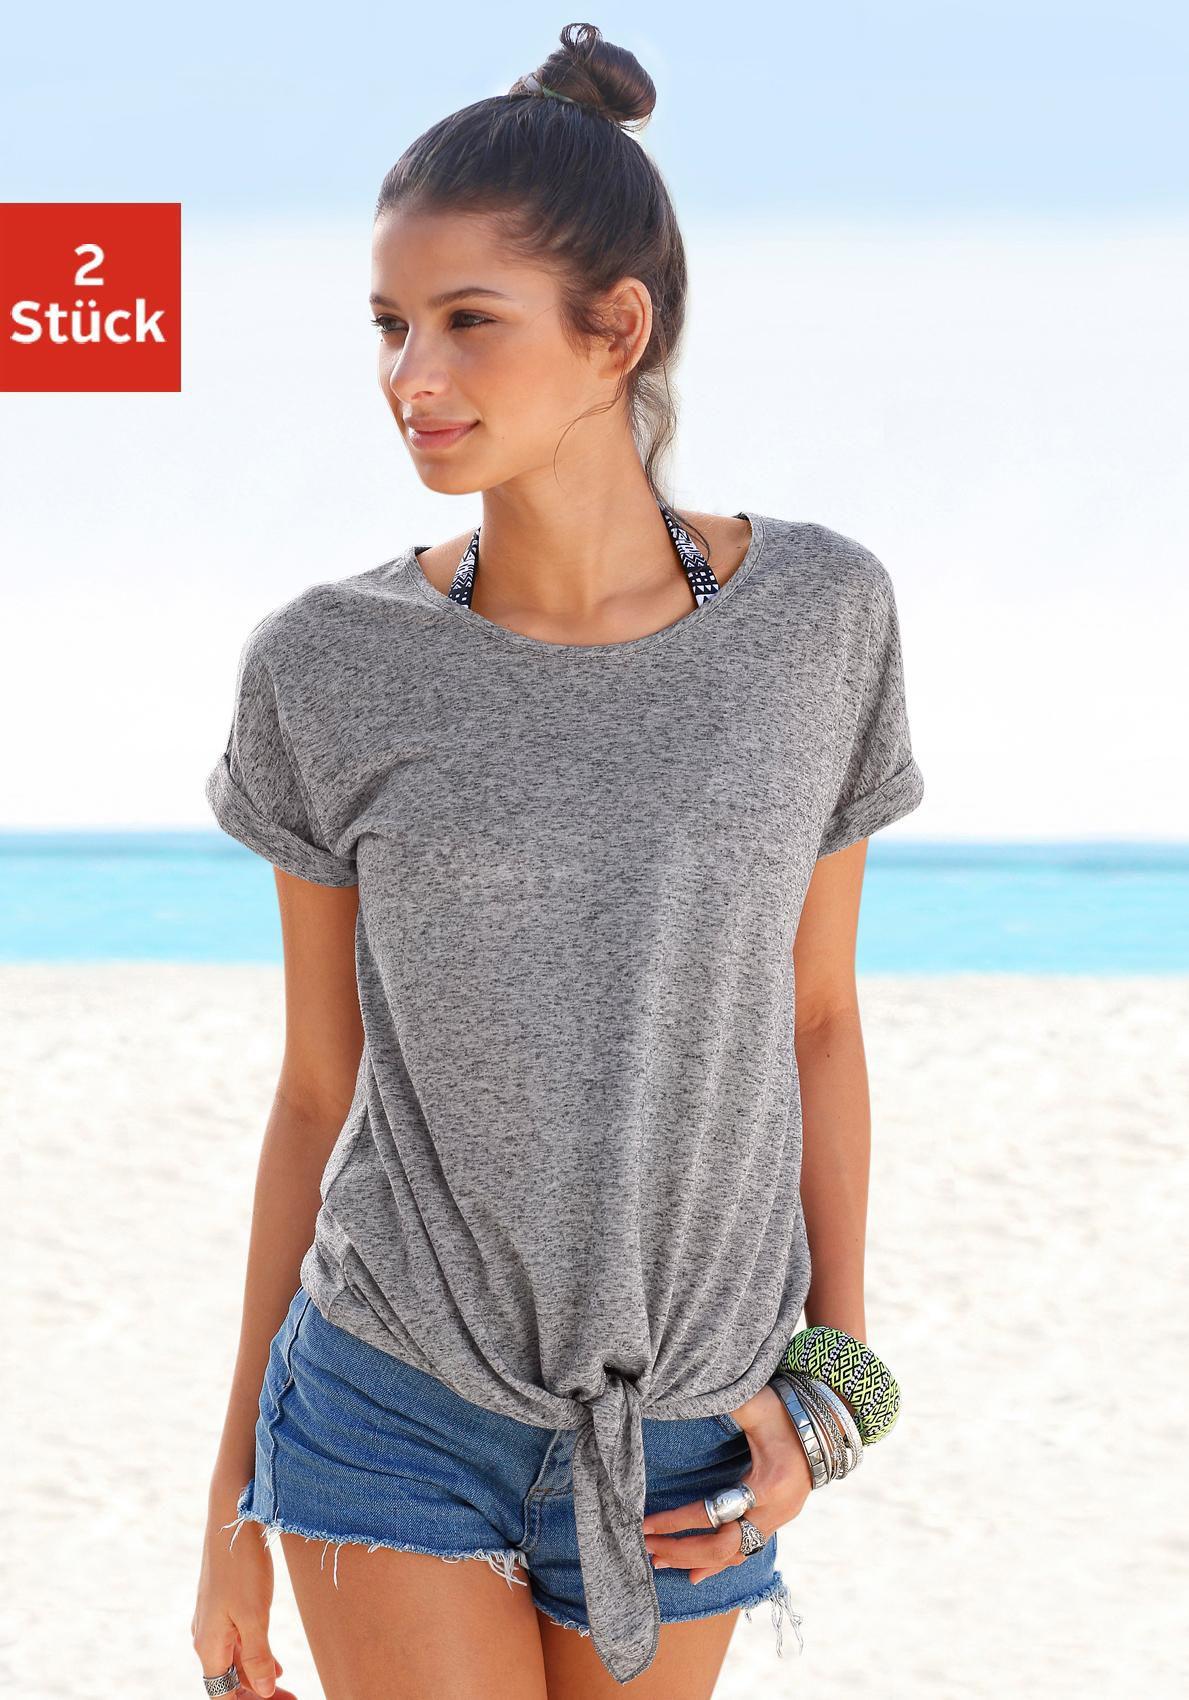 BEACHTIME Beachtime T-Shirts mit Leinen, am Saum zum knoten (2 Stück)